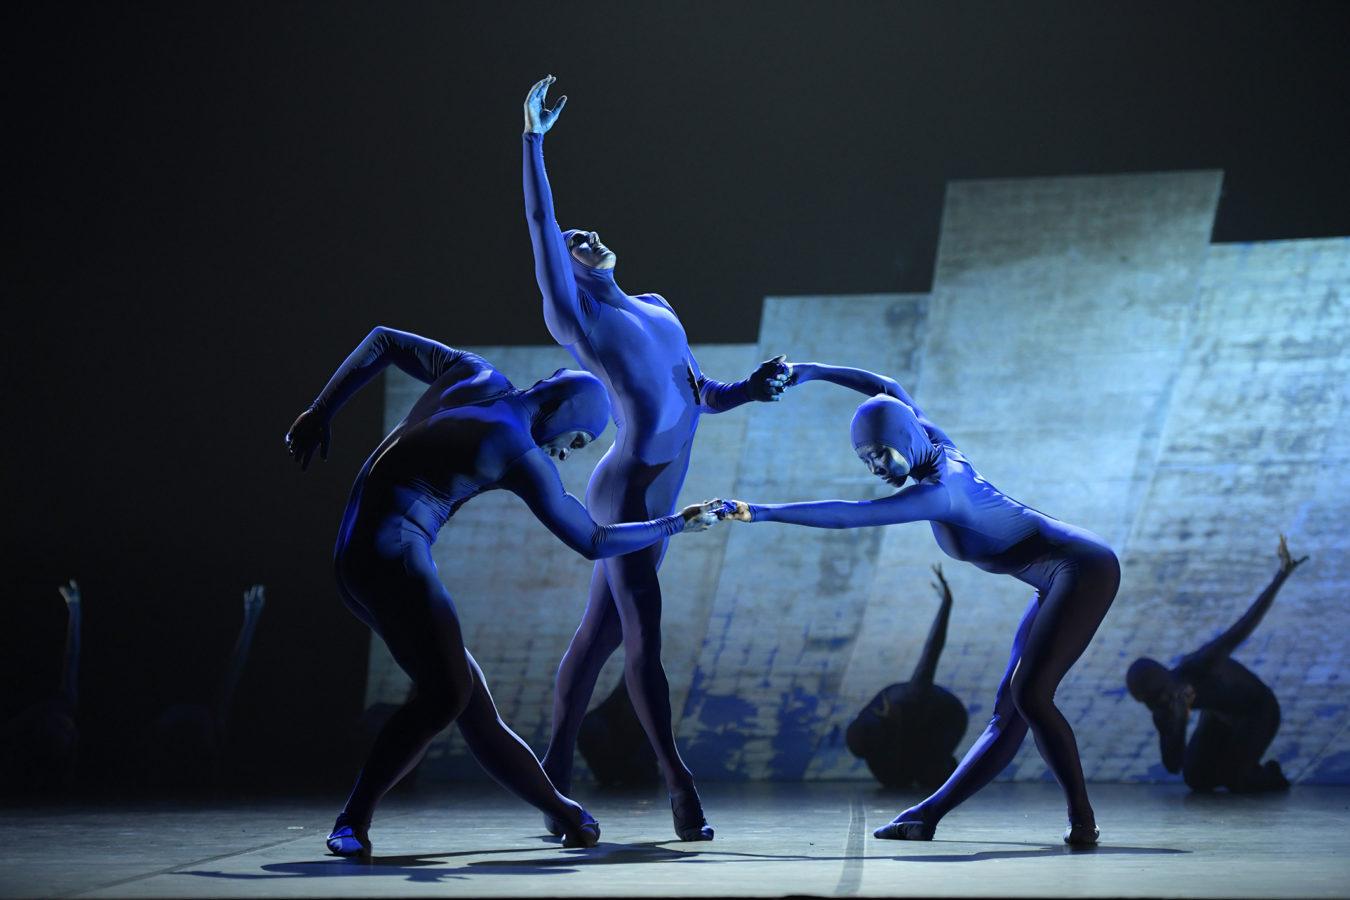 Ballett Dortmund/ RACHMANINOW I TSCHAIKOWSKY/Andrei-Morariu_Dustin-True_Sae-Tamura/Foto @ Bettina Stöß